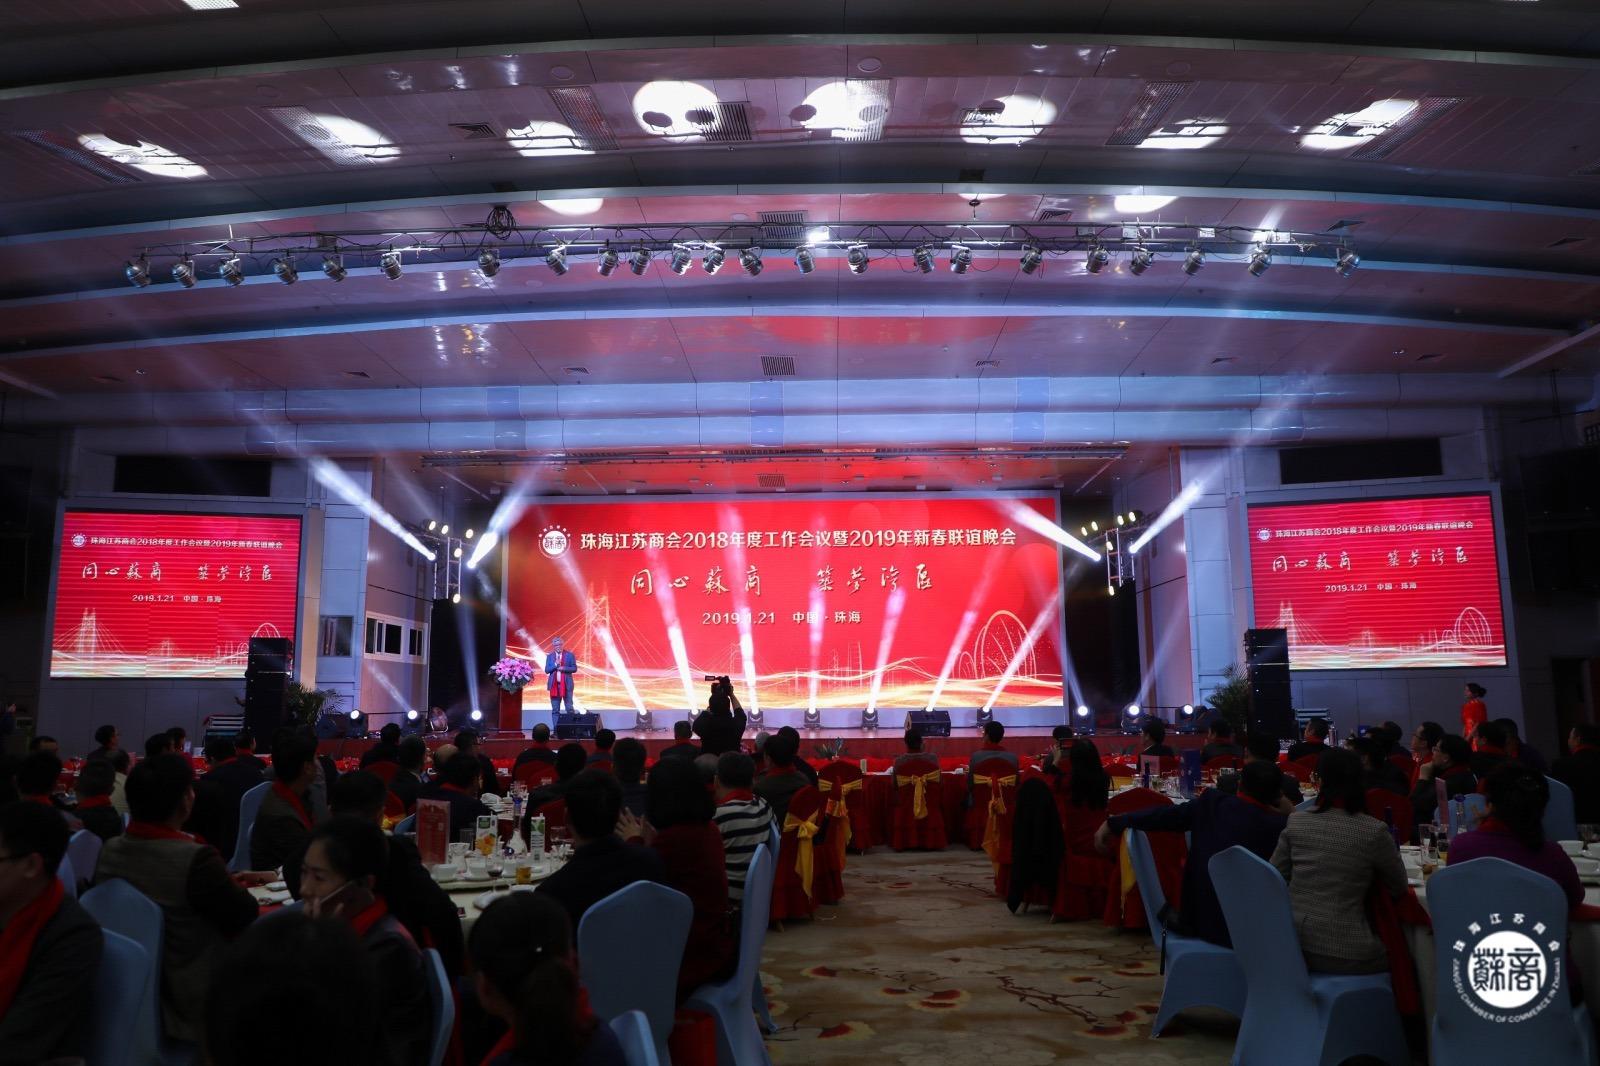 珠海江苏商会2018年度工作会议暨2019年新春联谊晚会